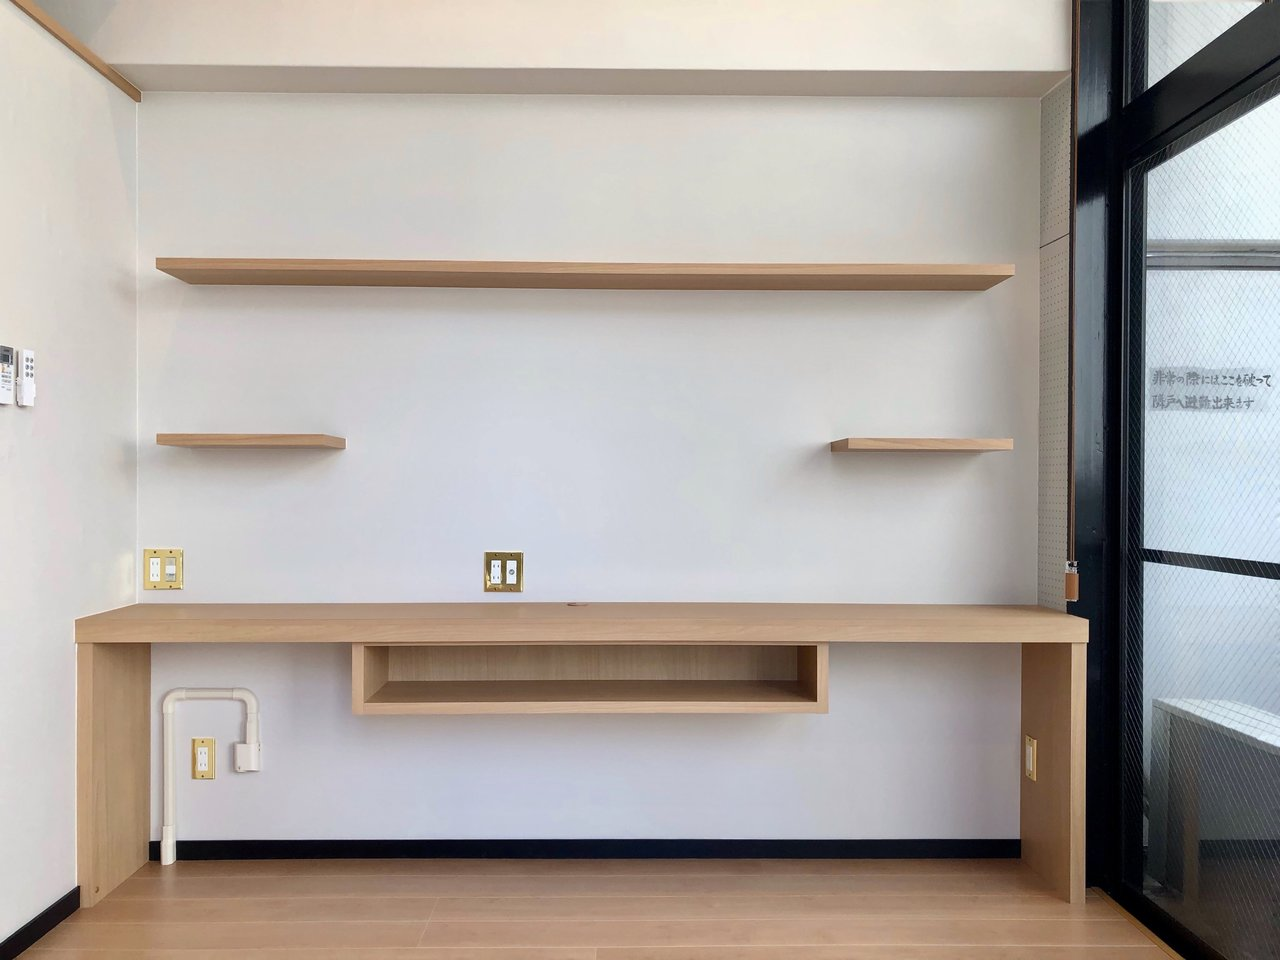 こちらの壁。こういう、ながーいテーブルって、何にでも使えてすごく重宝します。上に棚がついているのもいい。